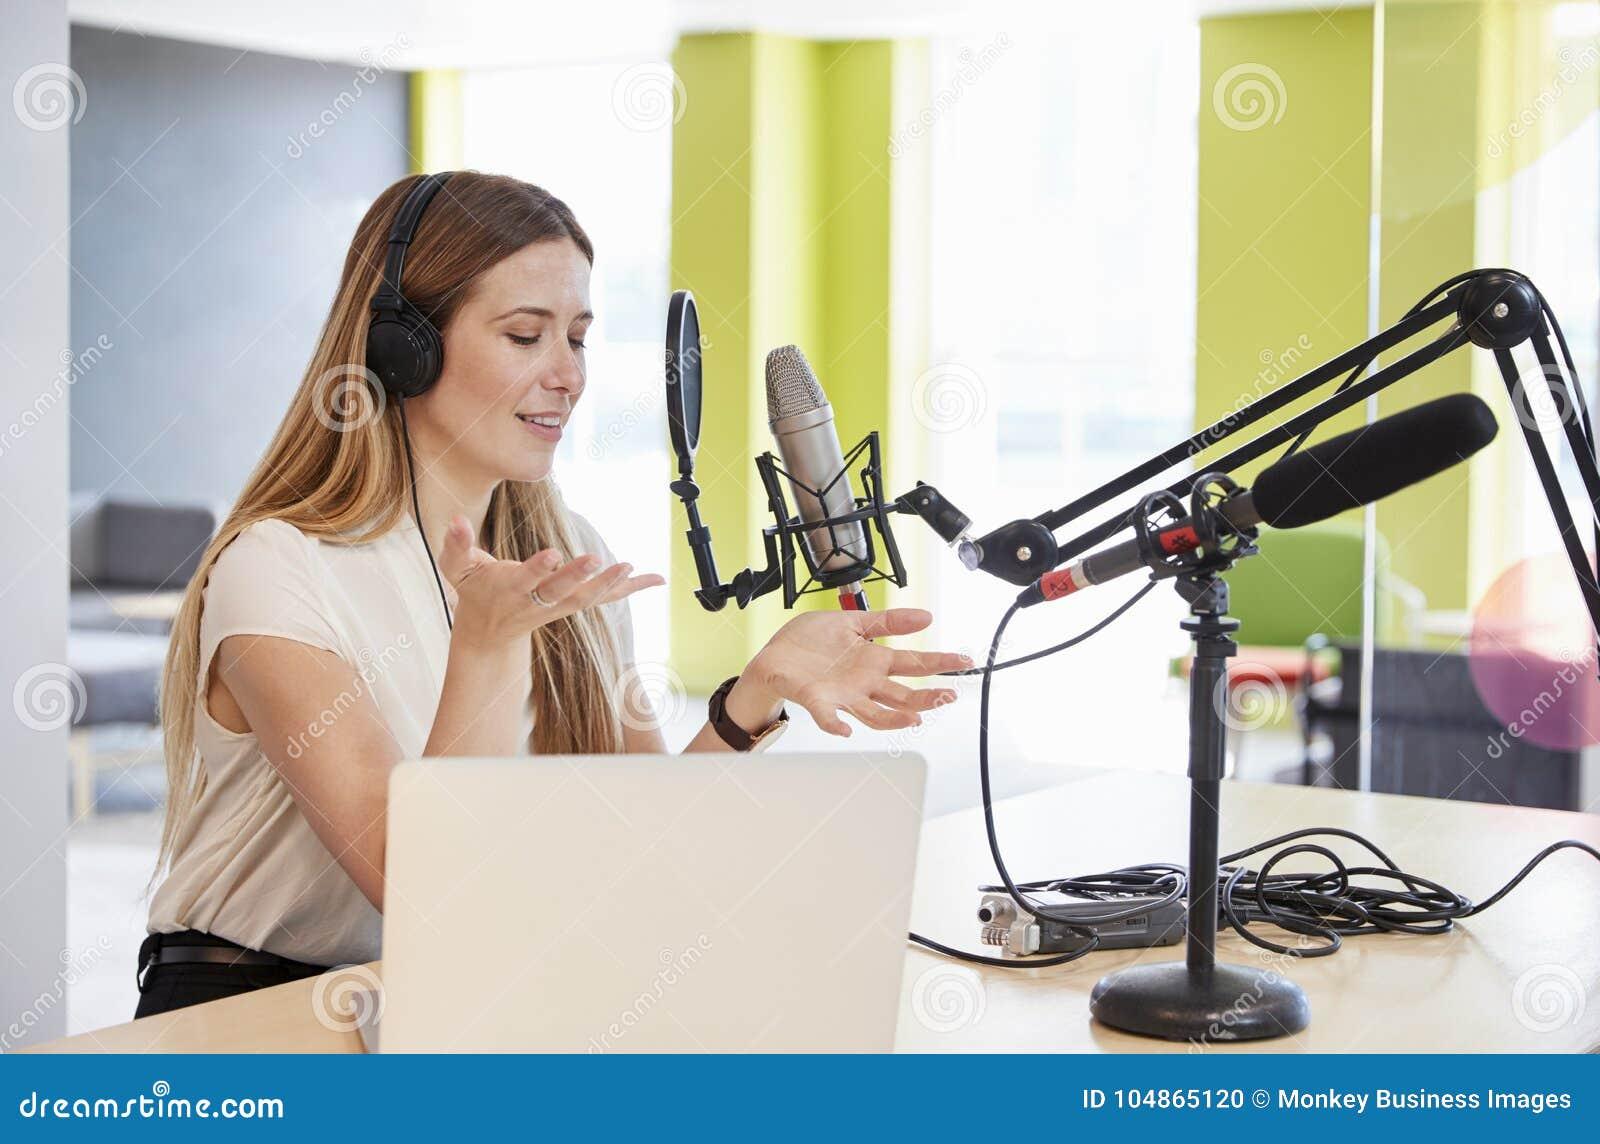 Radioutsändning för ung kvinna i en studio som gör en gest, nära övre